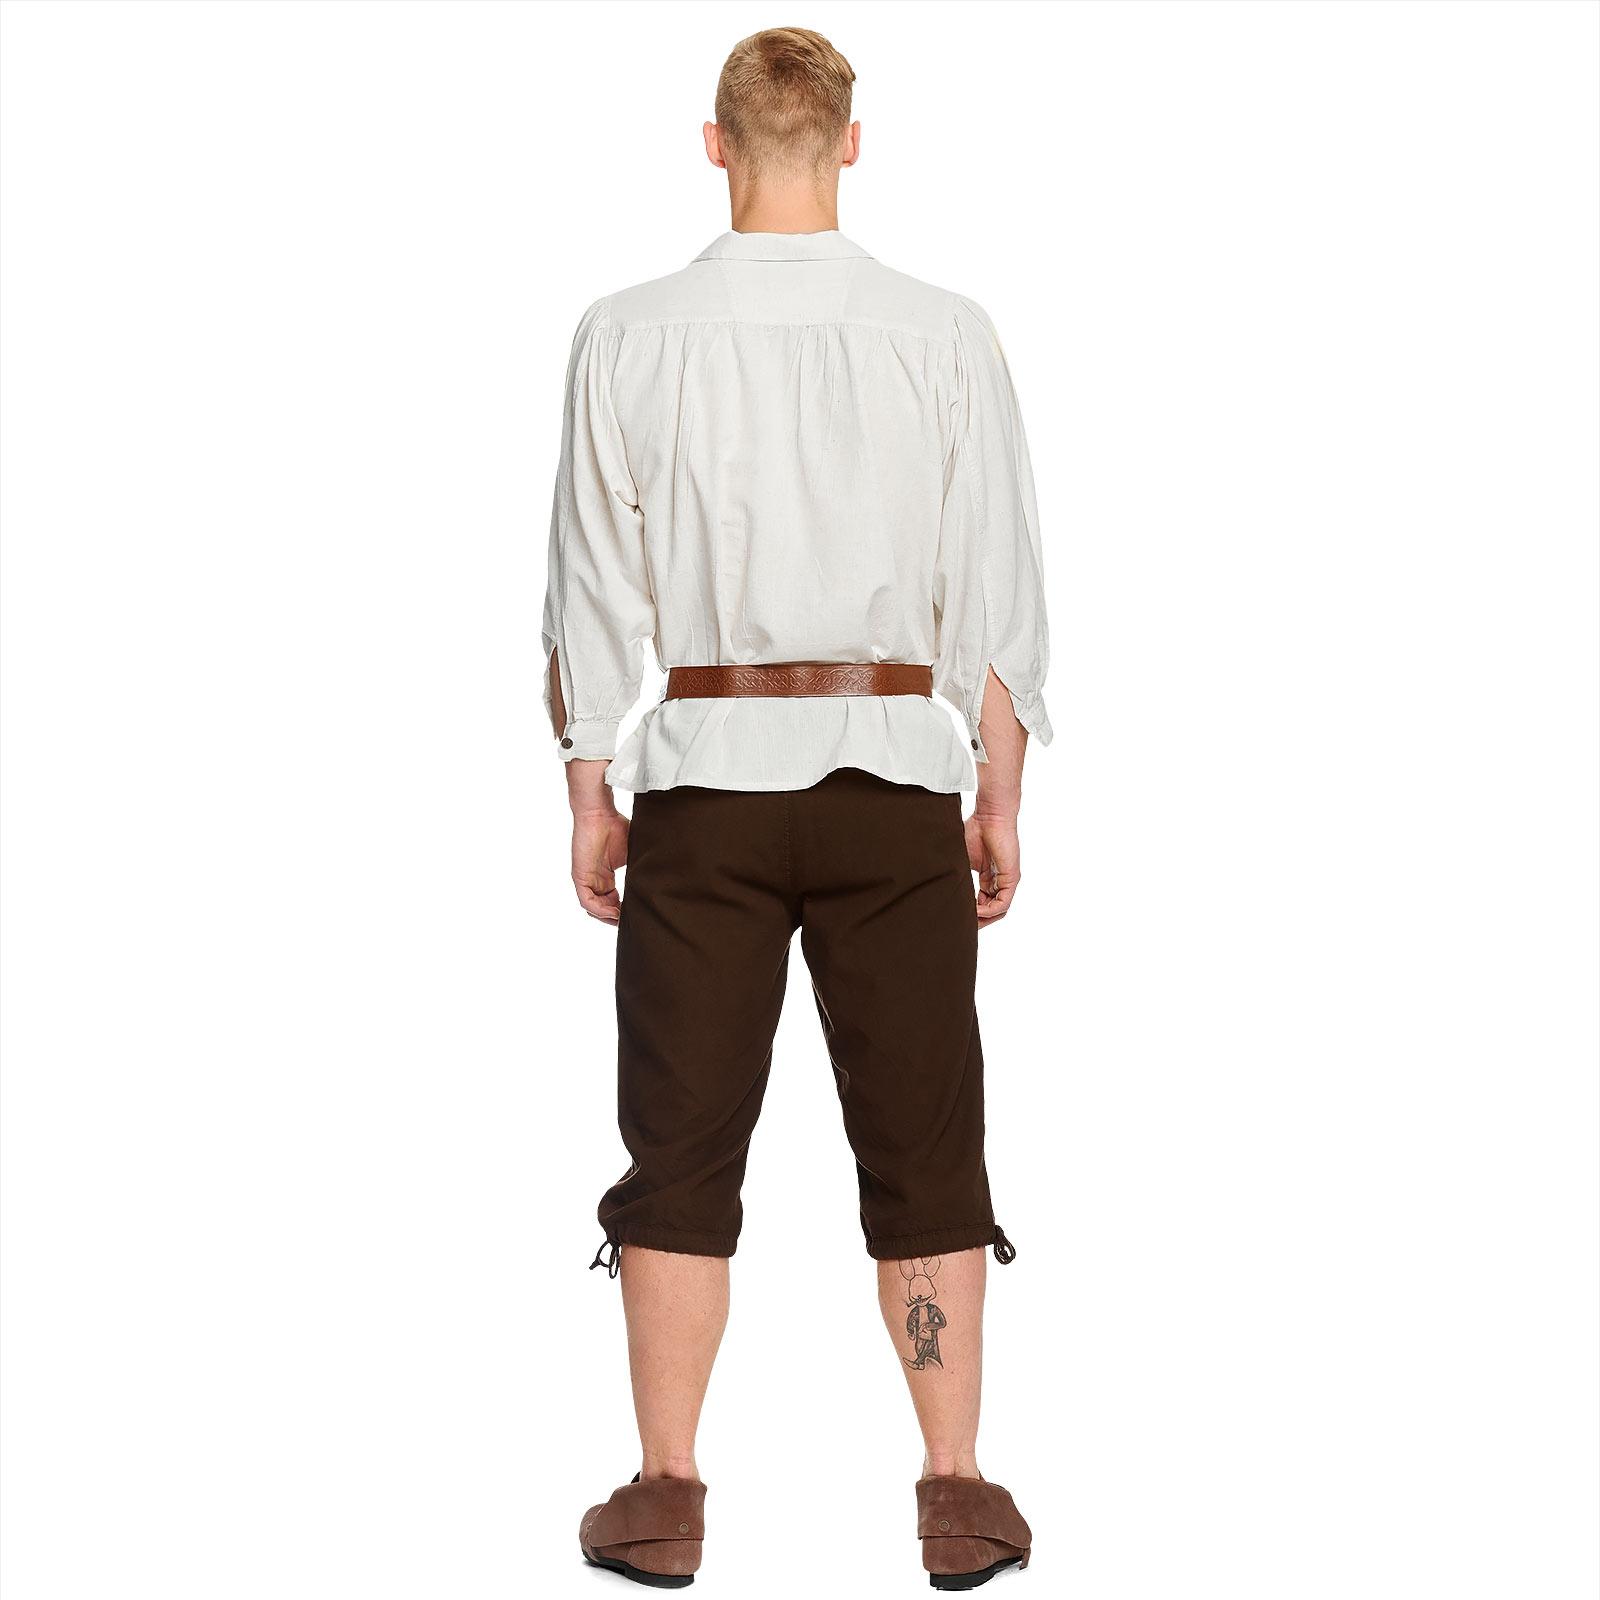 Mittelalter Kniebundhose mit Schnürung braun